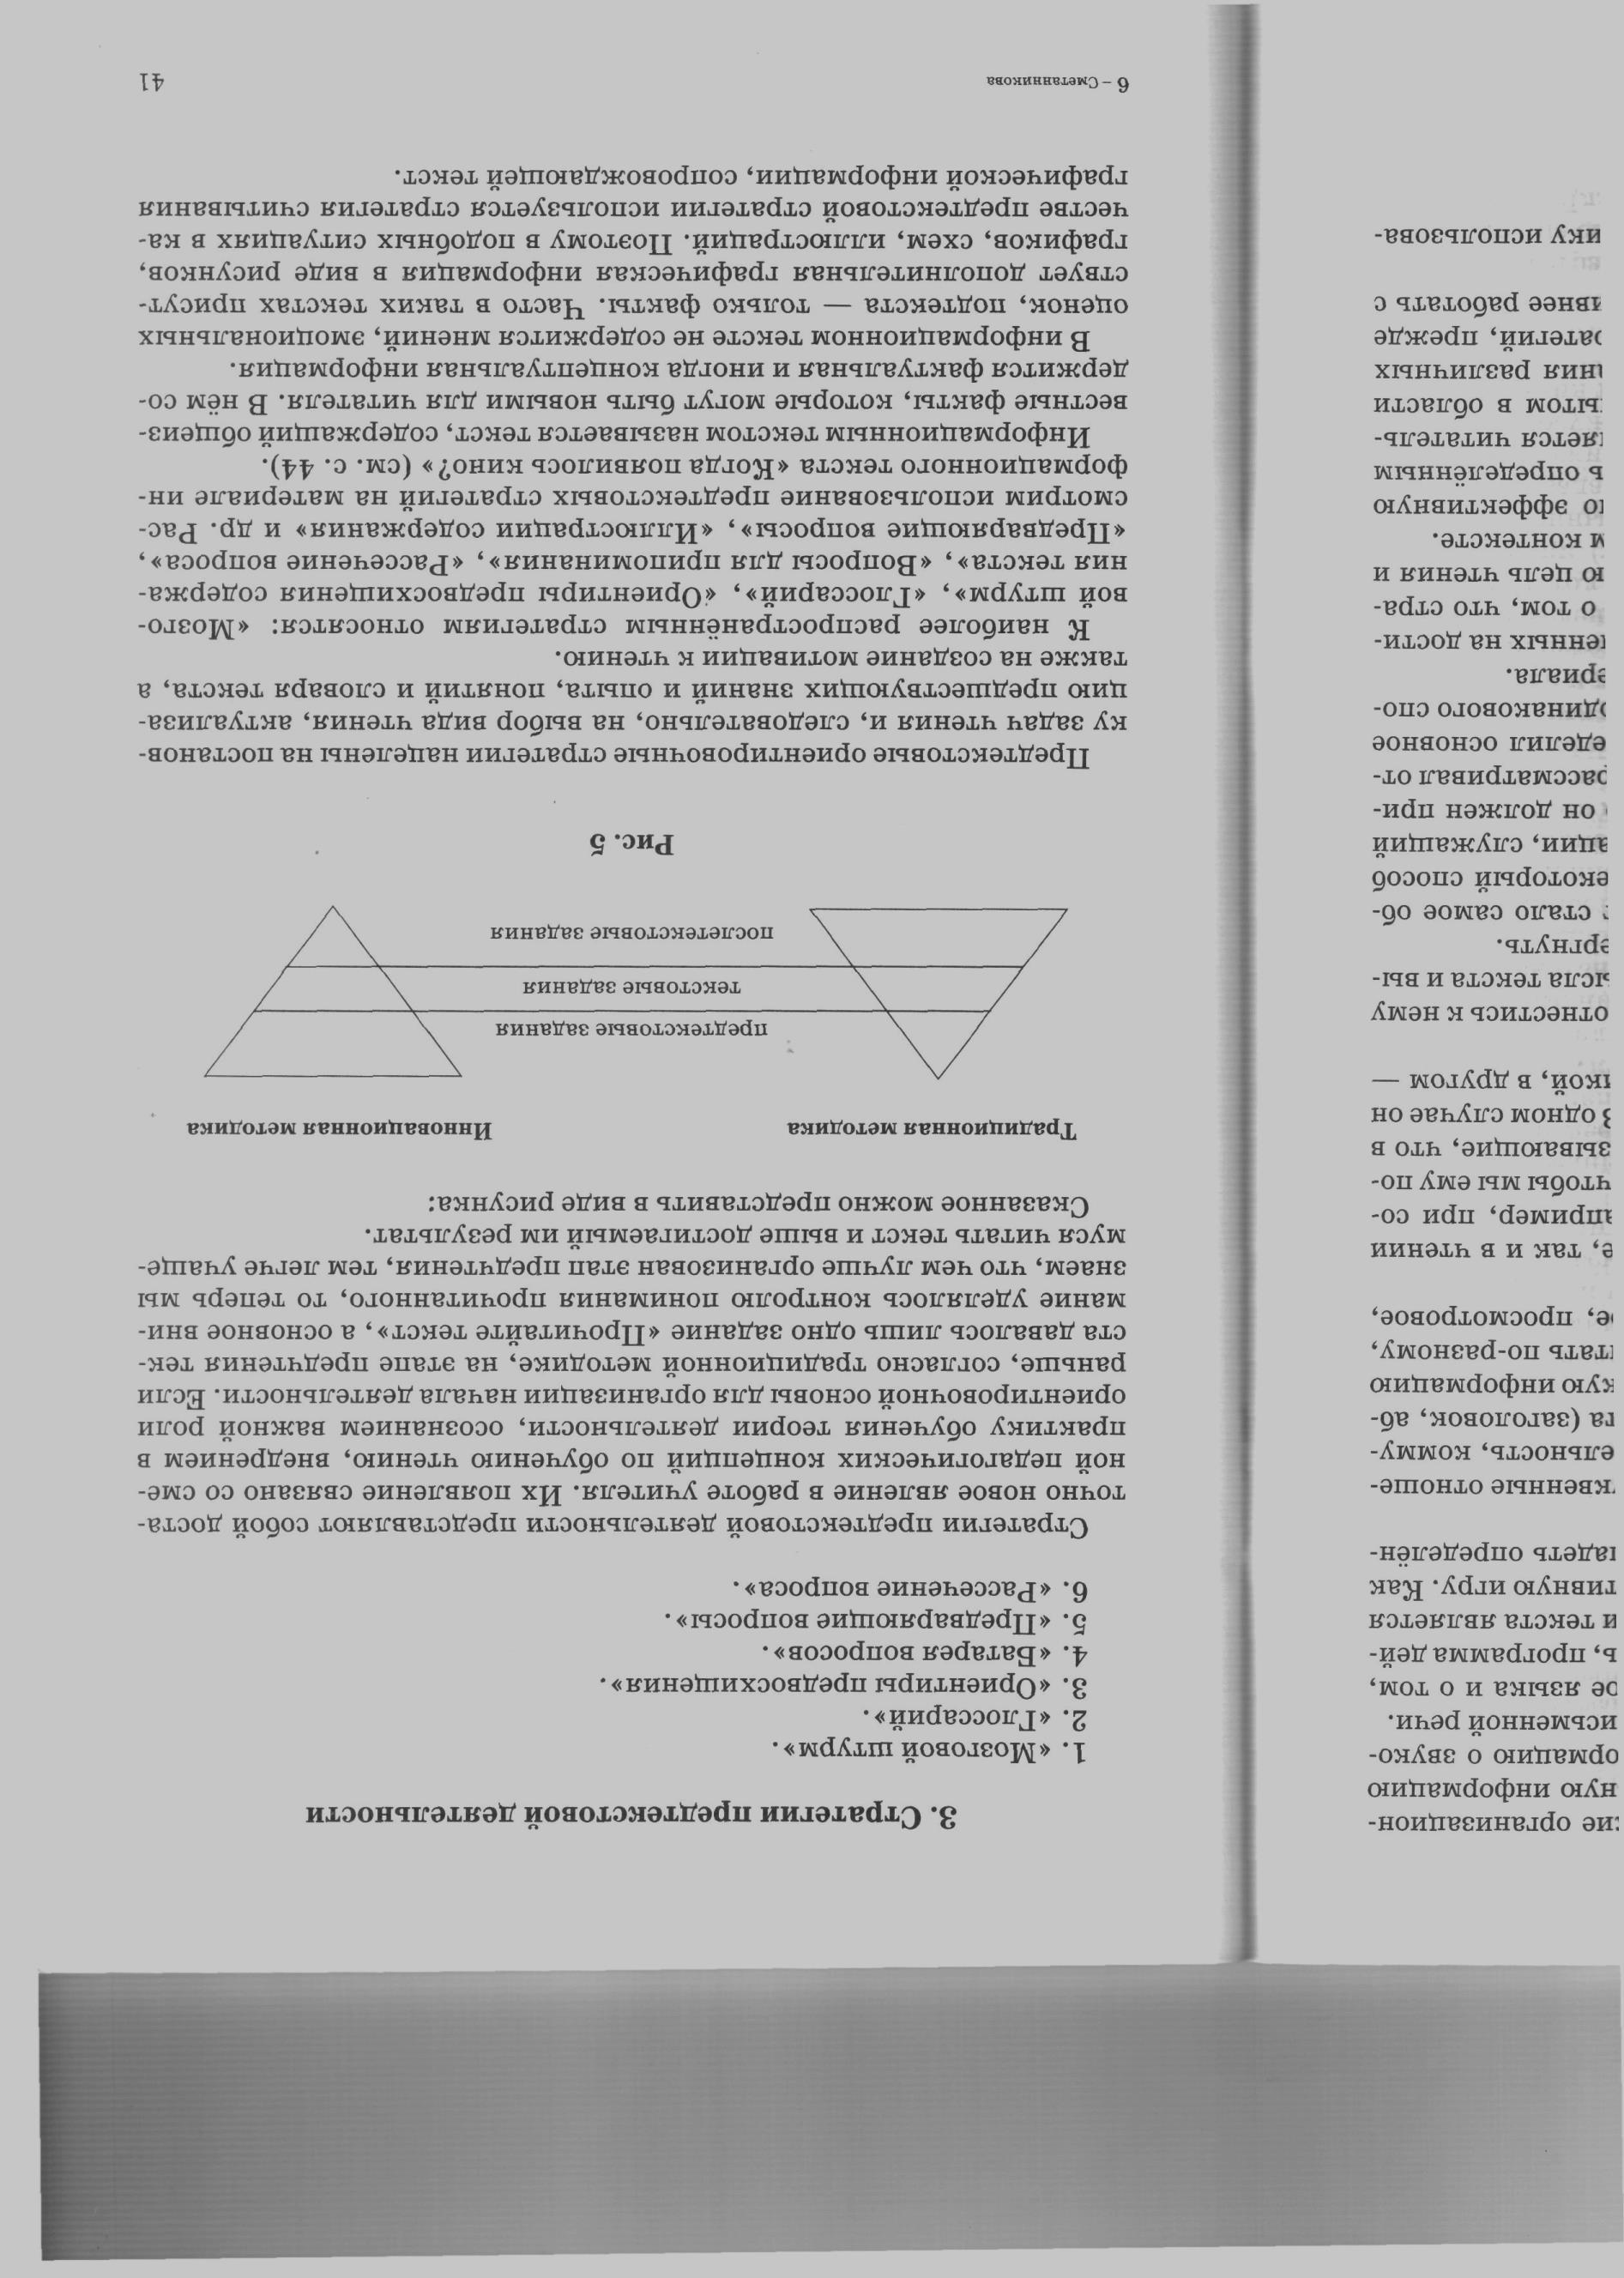 C:\Users\Марина\Desktop\Обучение стратегиям чтения в 5 - 9 классах_Сметанникова Н.Н\10021.jpg